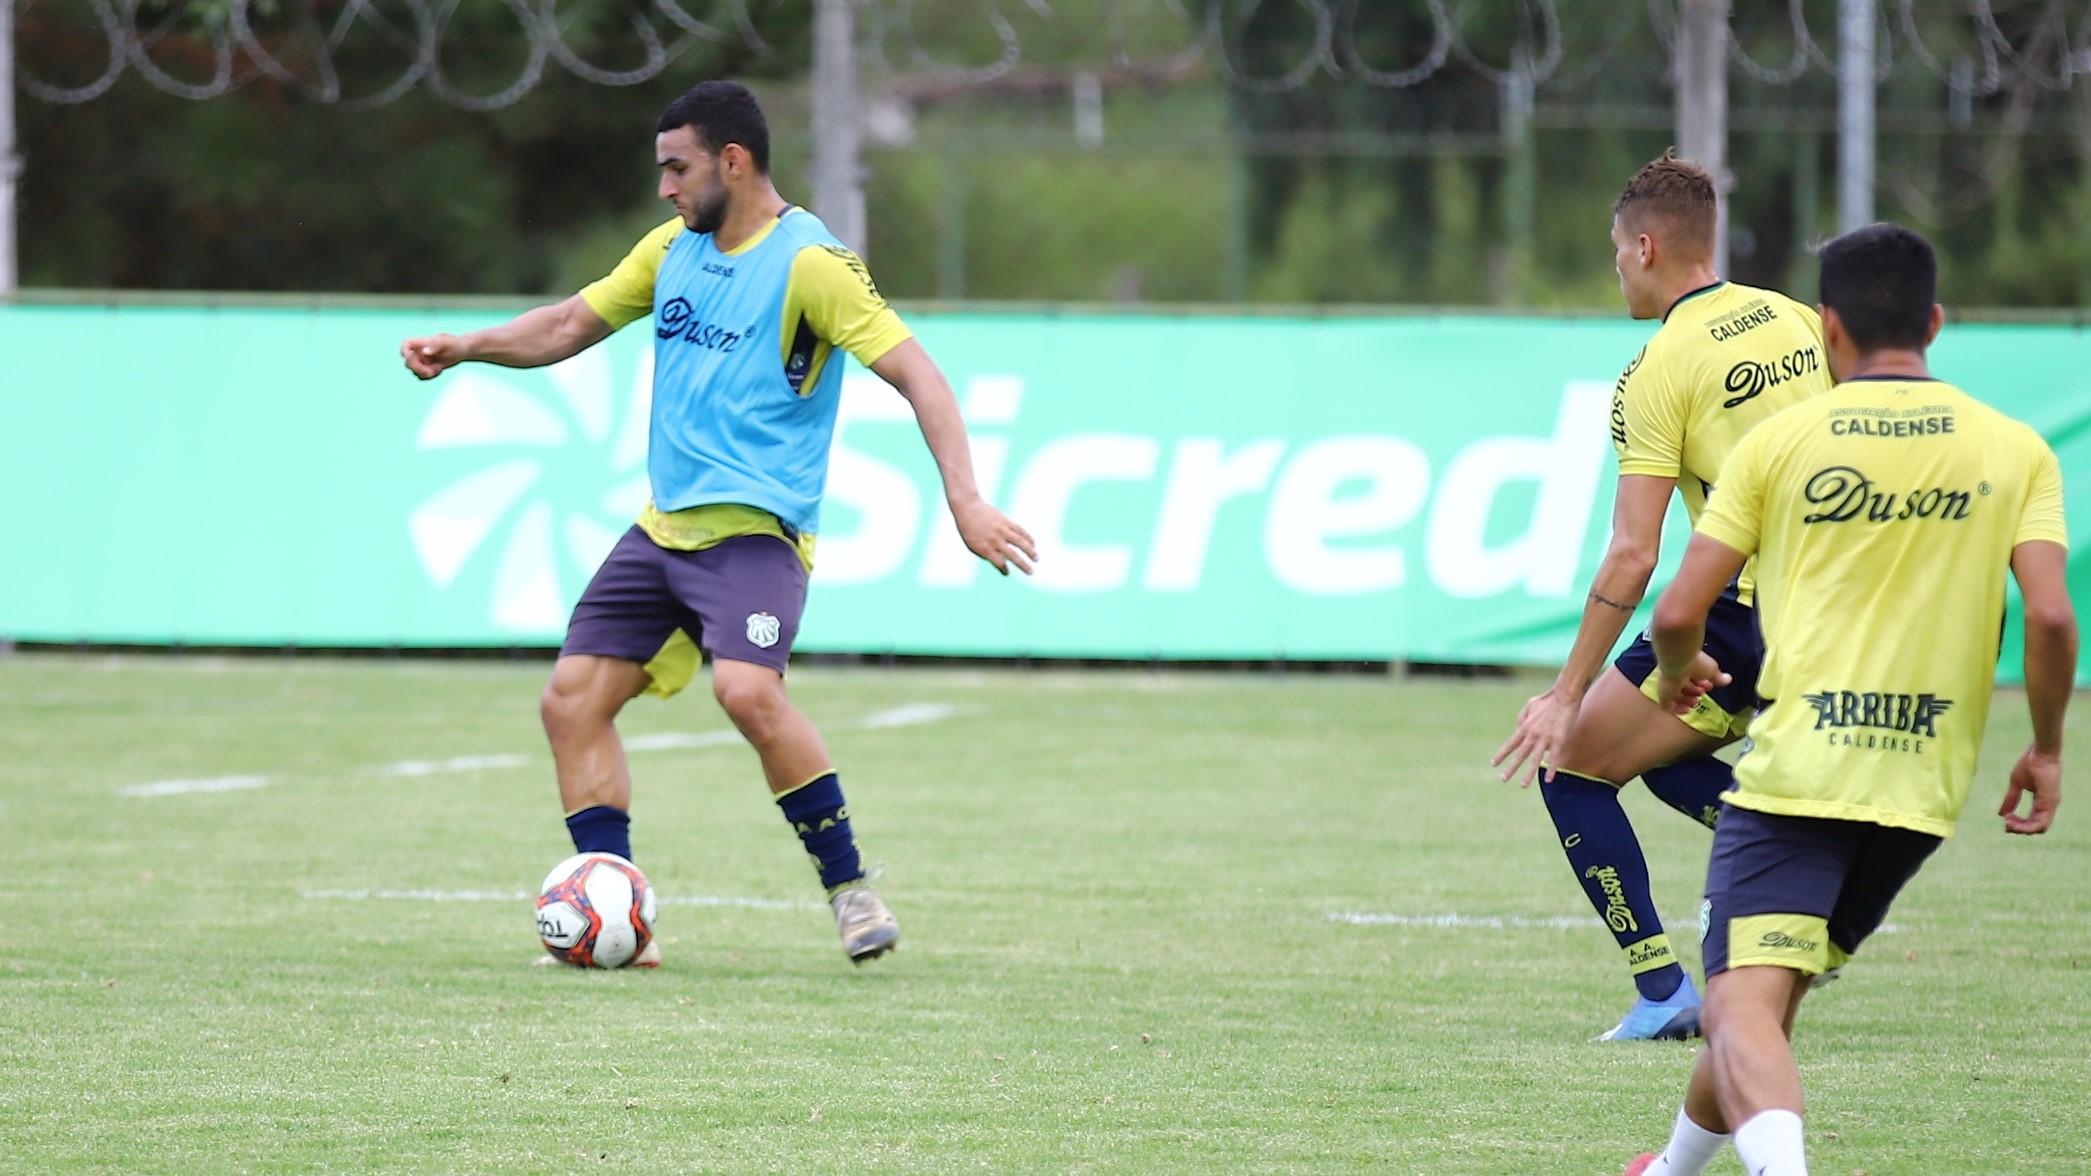 No retorno do Mineiro, Caldense e Atlético-MG se enfrentam nesta quinta às 17h30